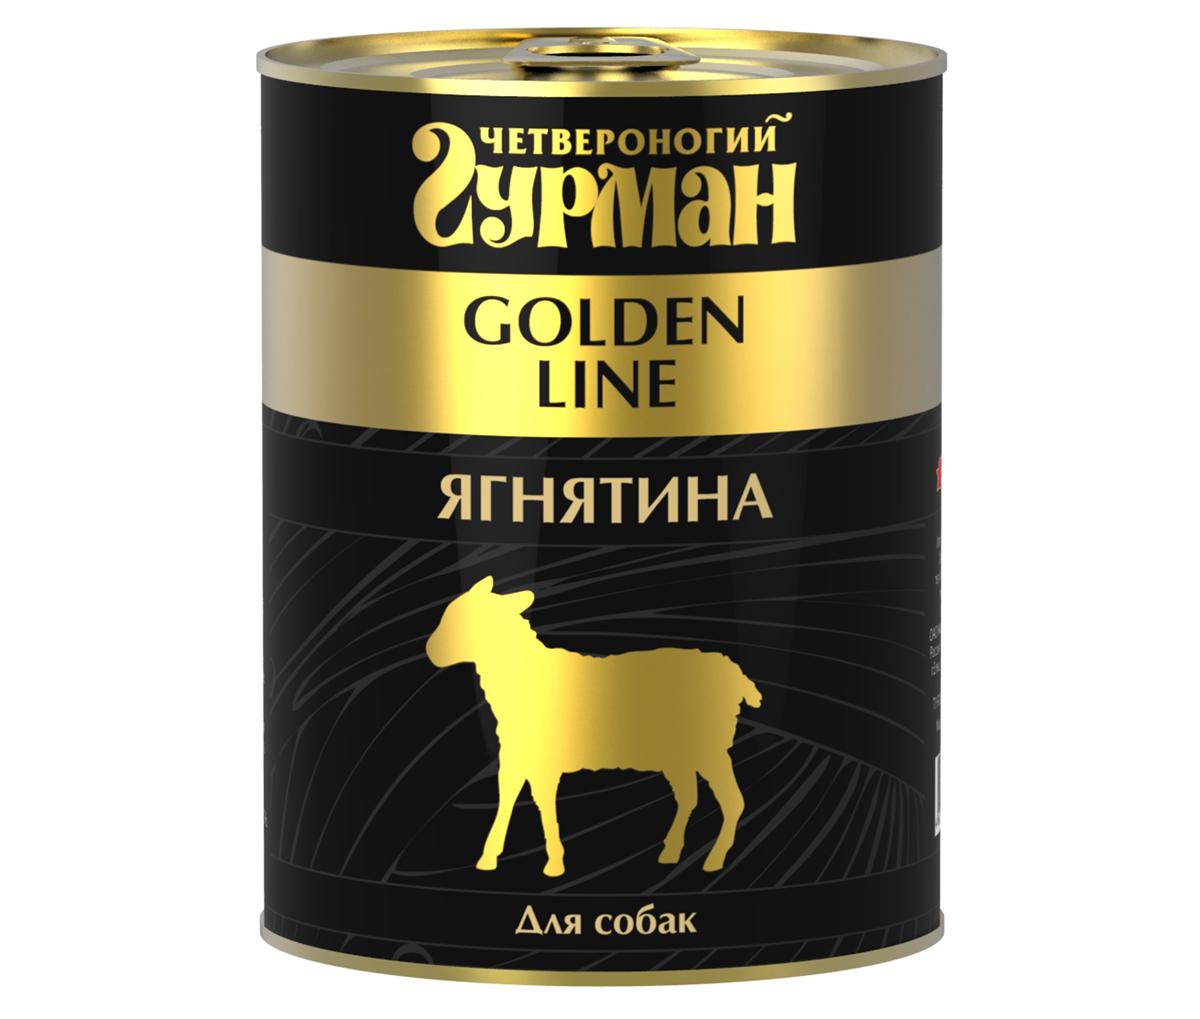 Консервы для собак Четвероногий Гурман, с ягненком, 340 г